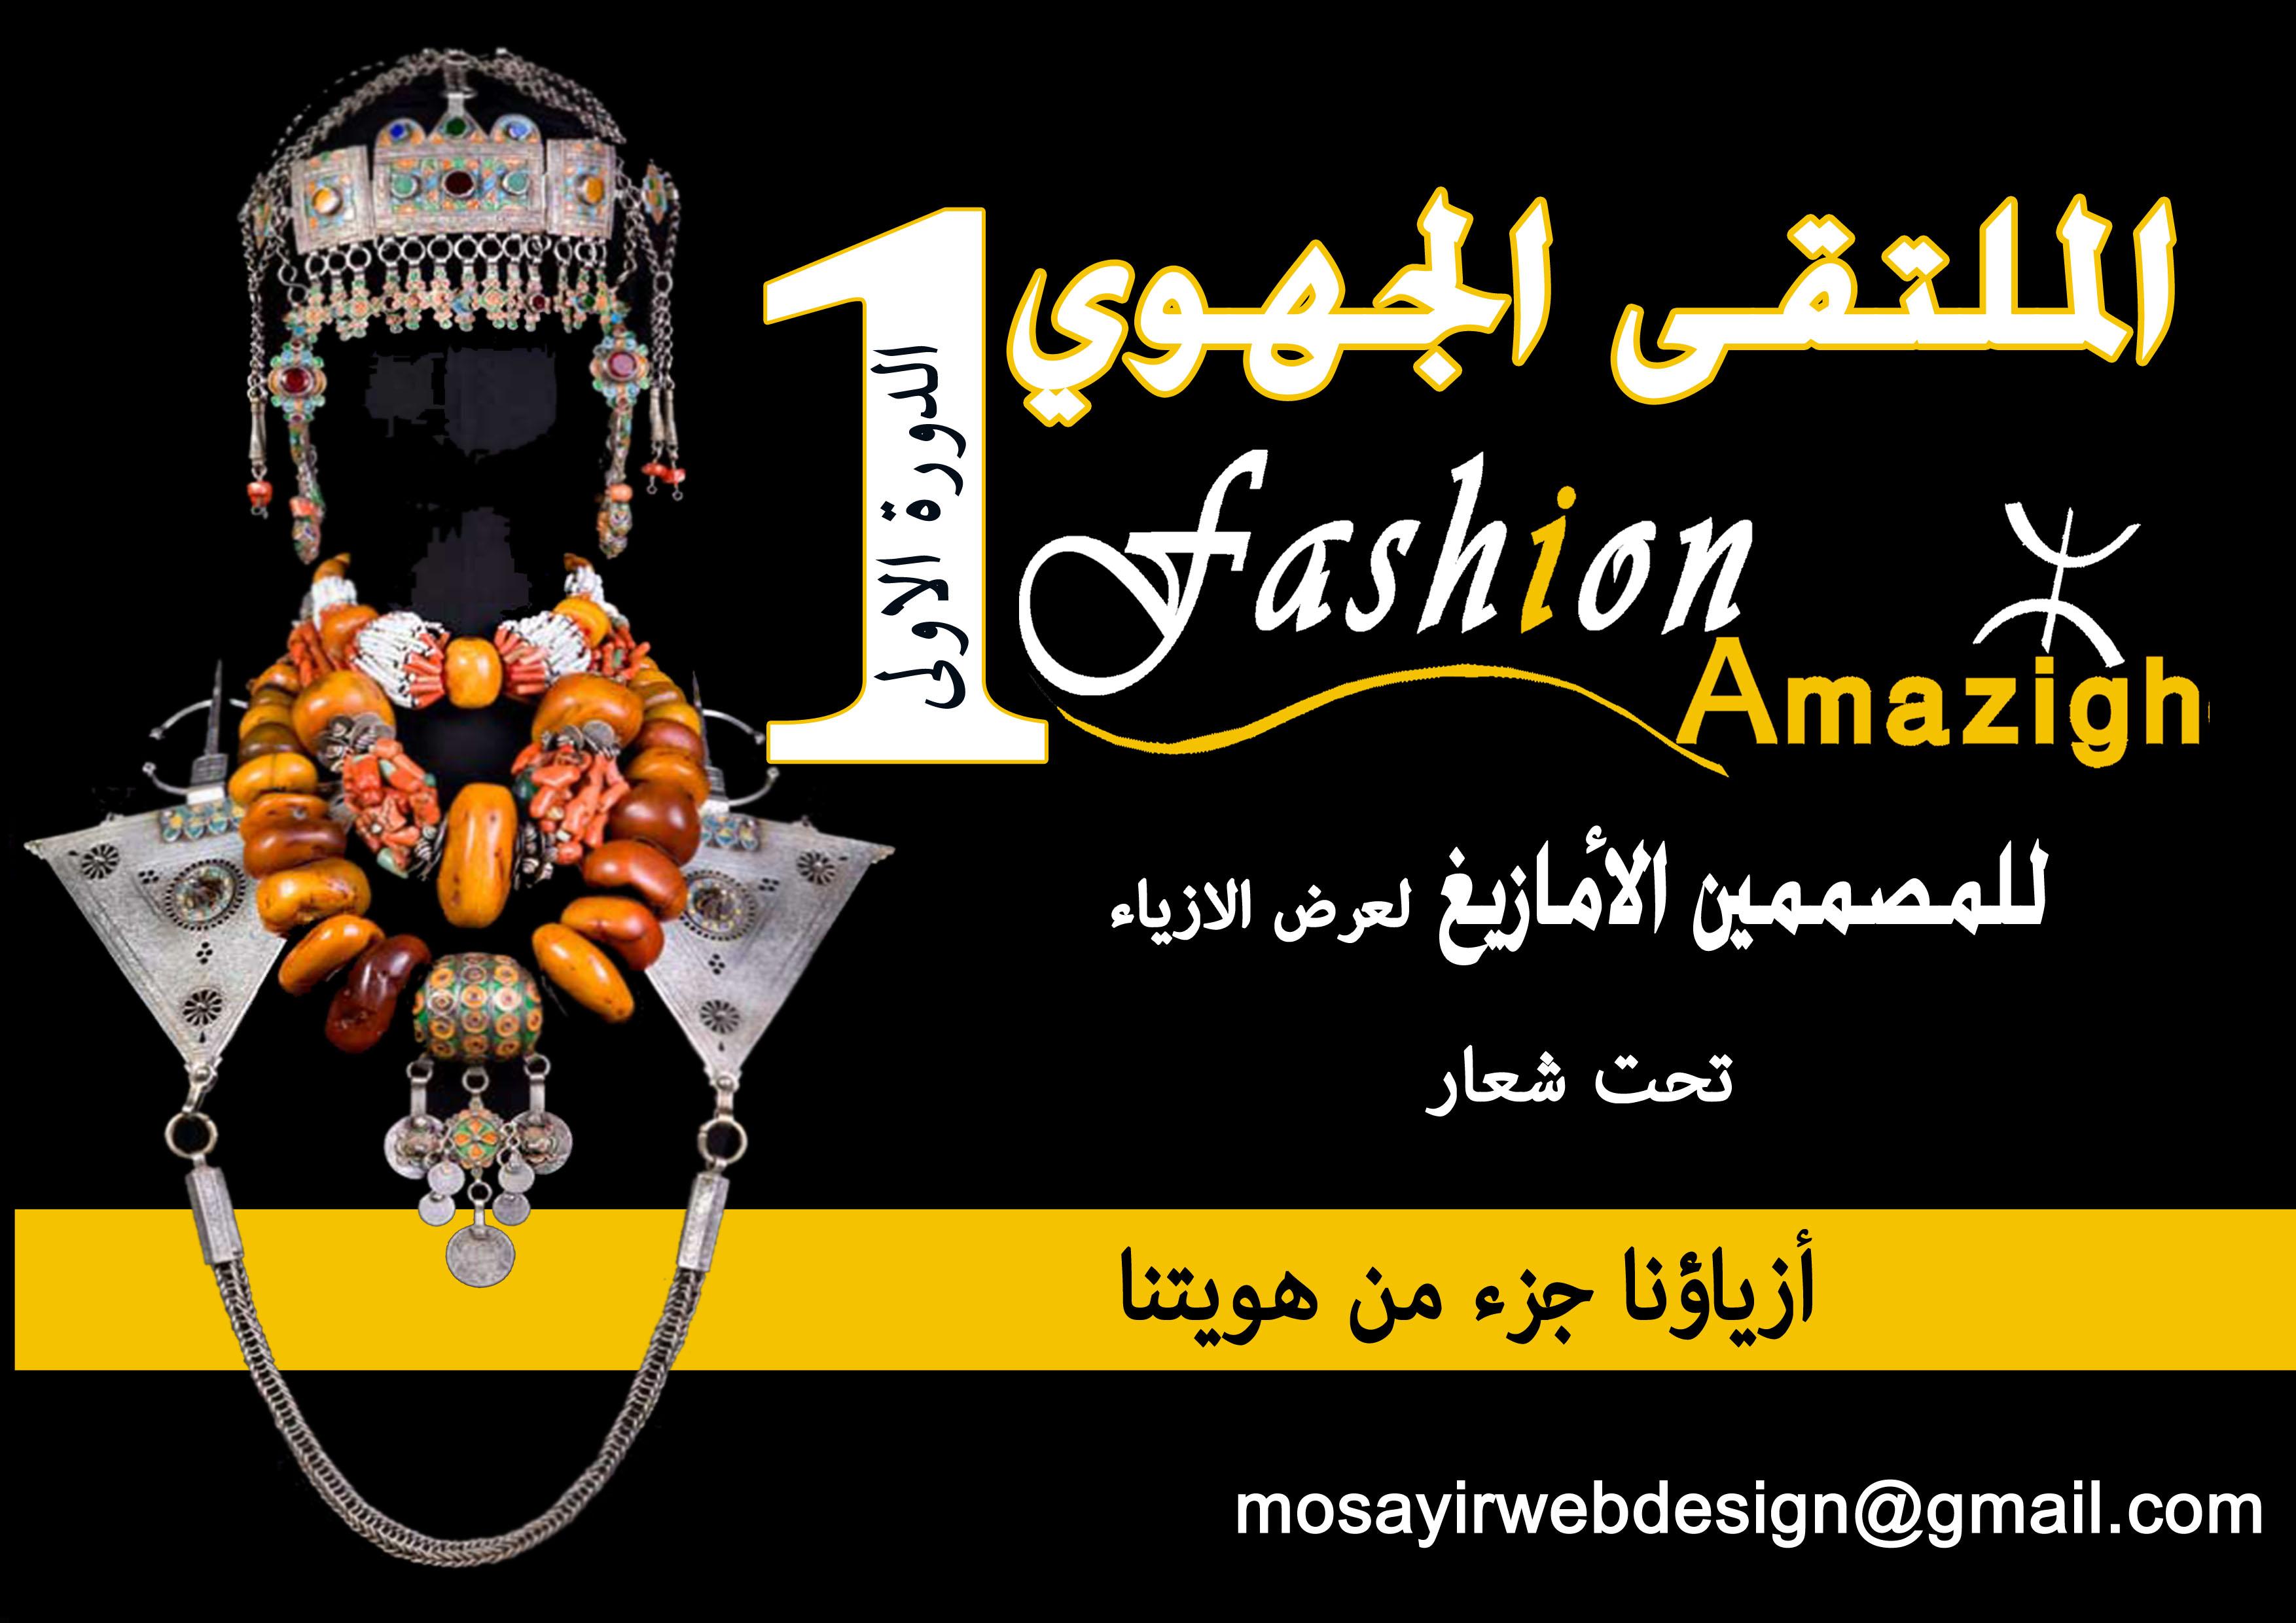 اكادير : الملتقى الأول لفن الأزياءfashion amazigh